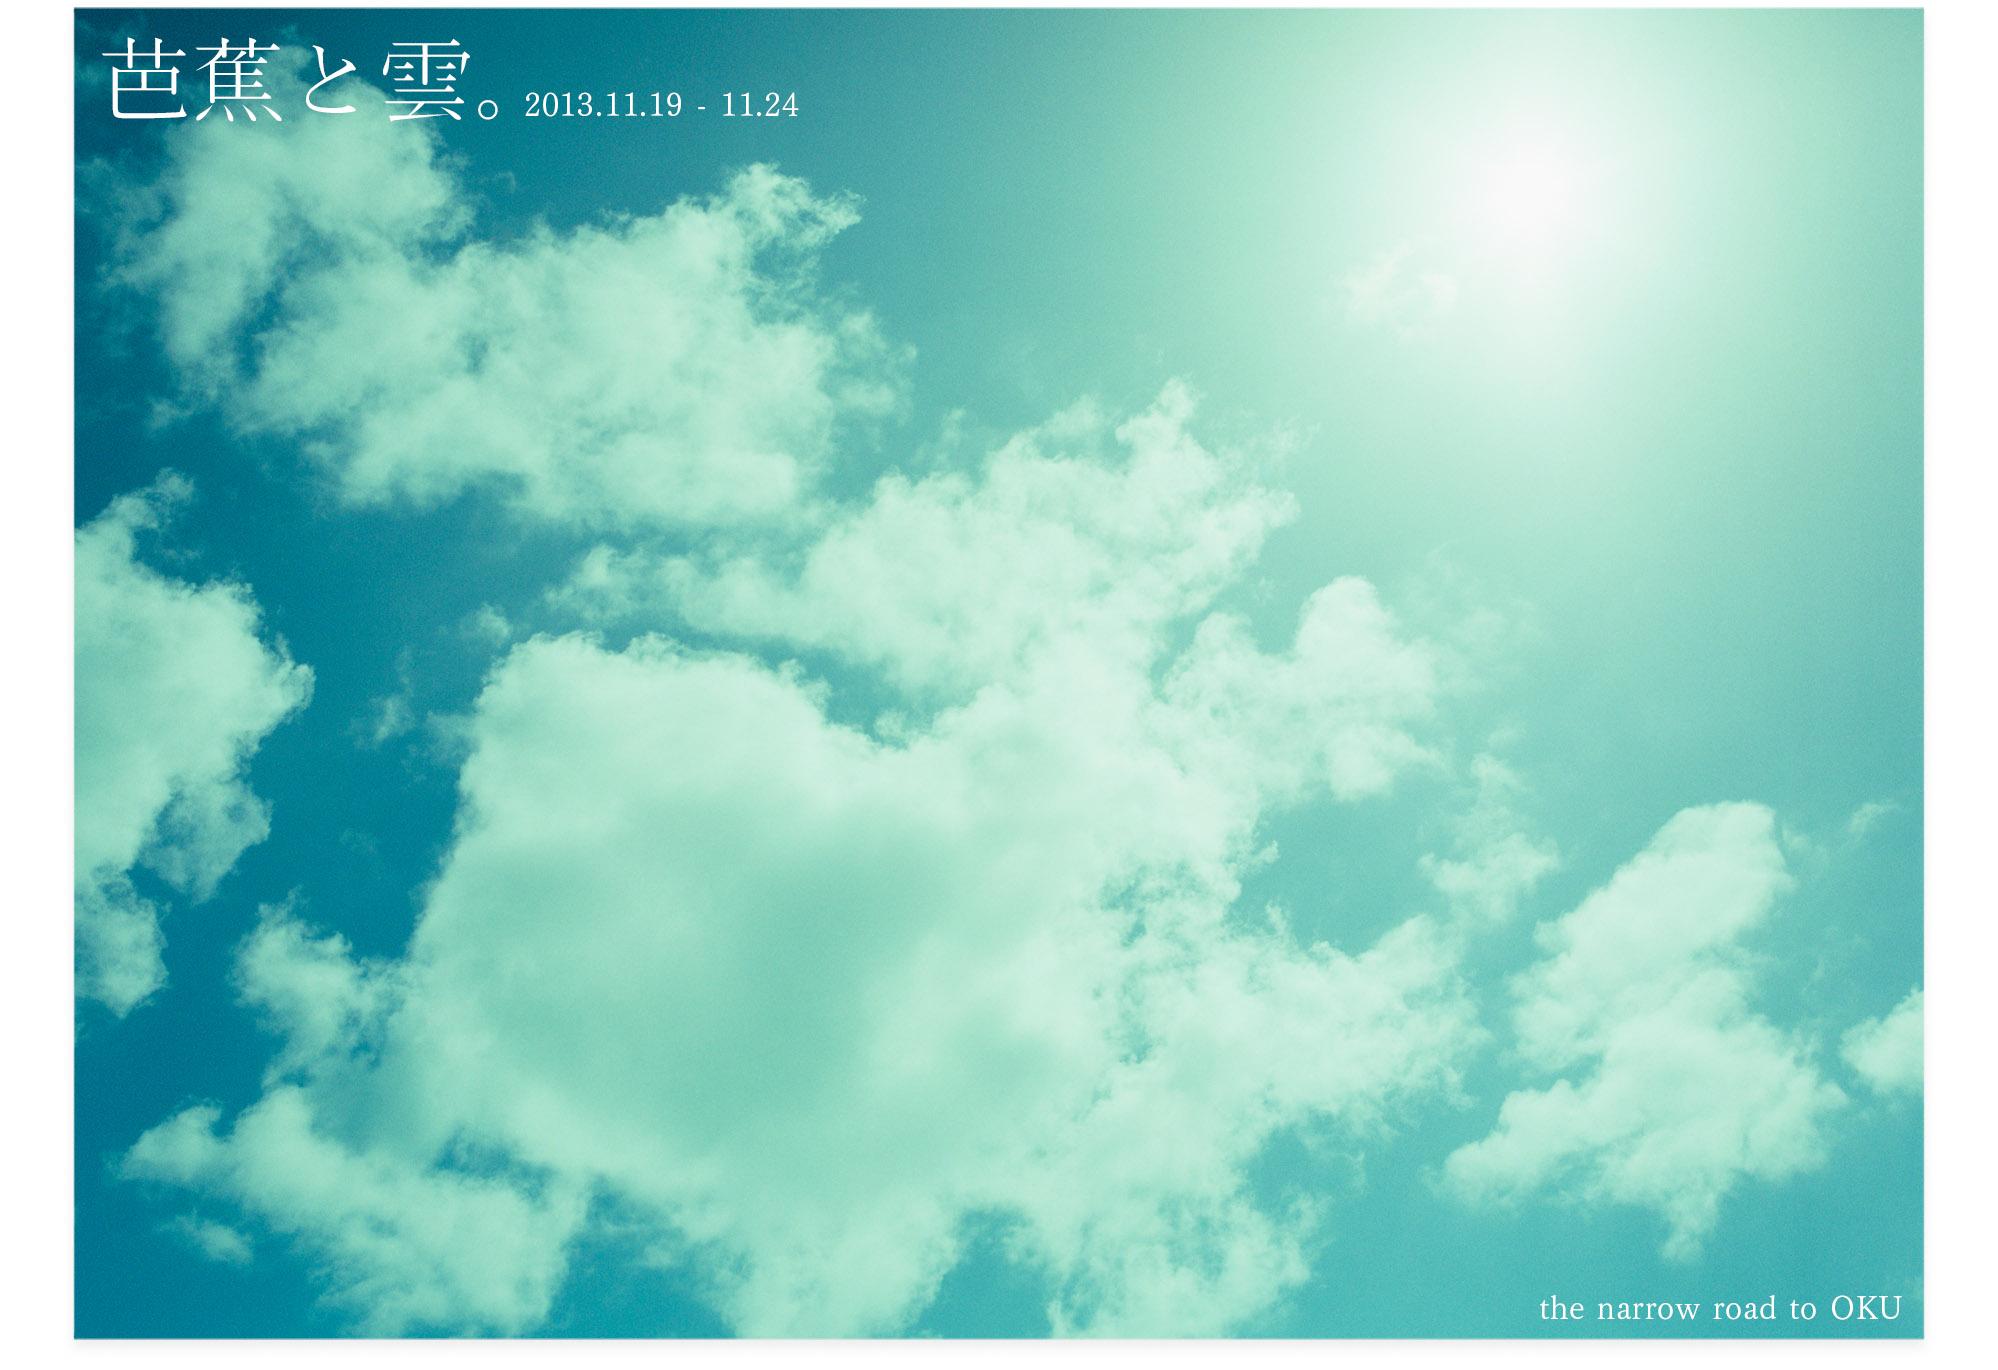 201301118_芭蕉と雲